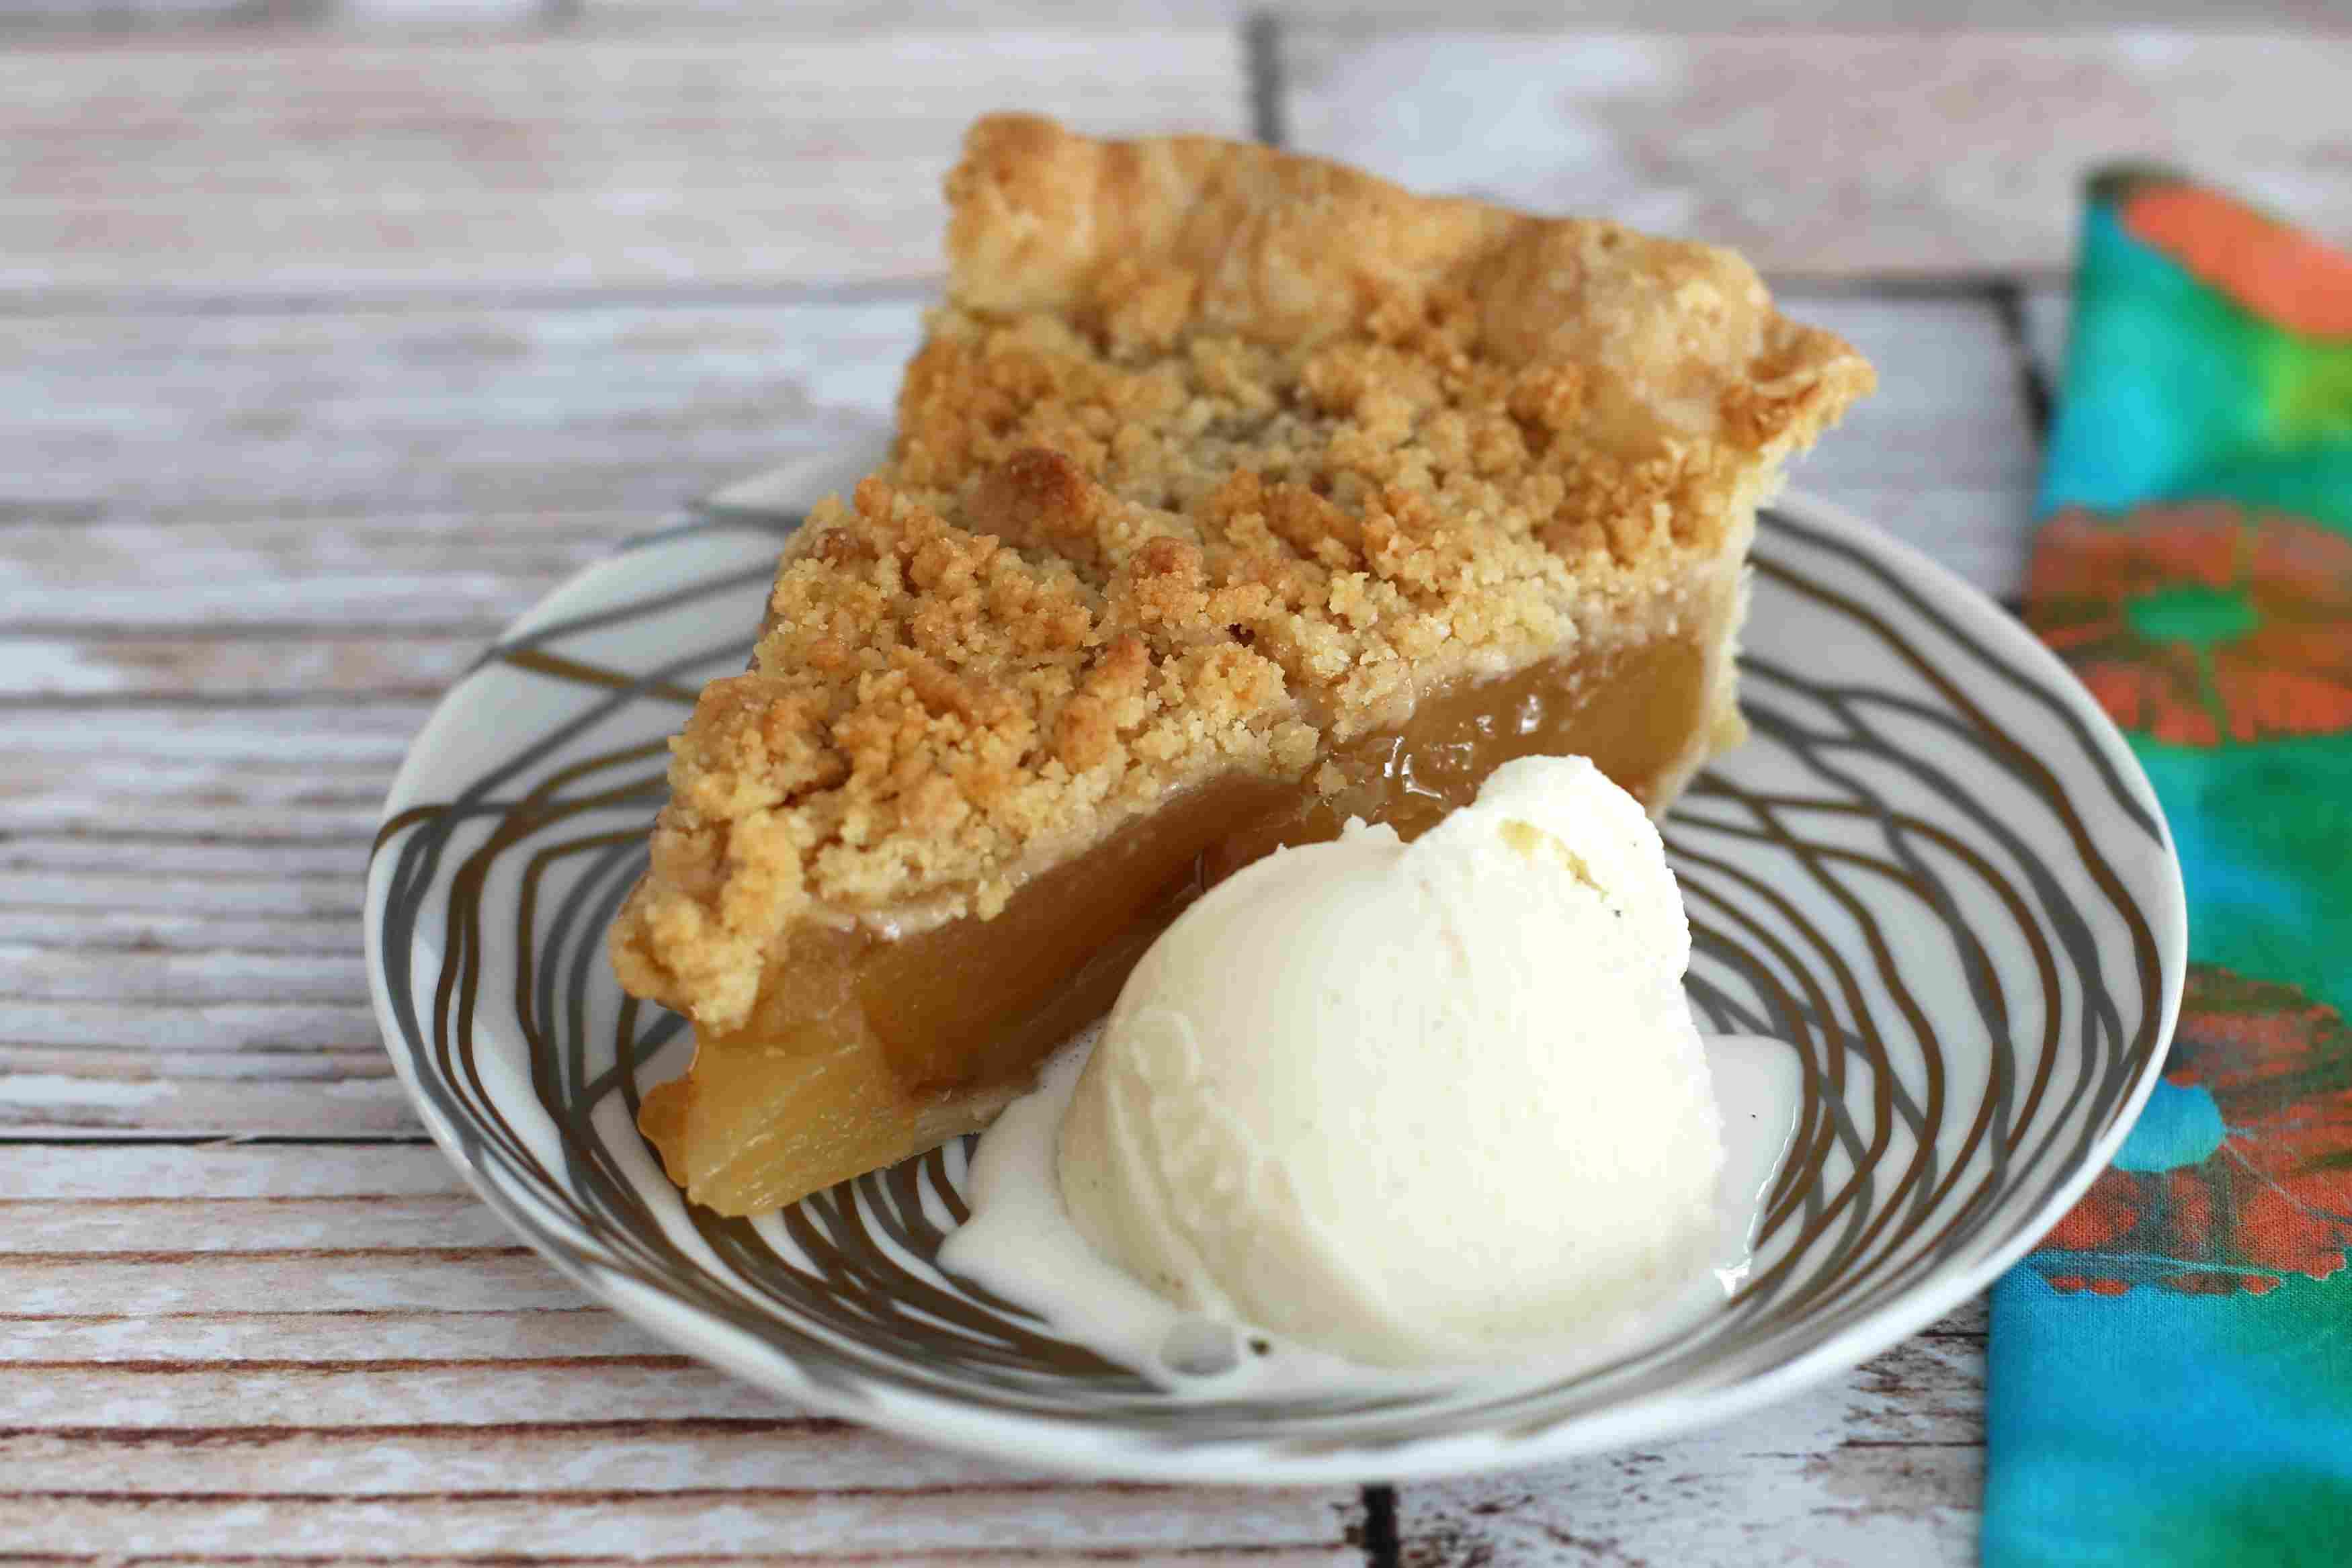 Apple Crumb Pie With Ice Cream